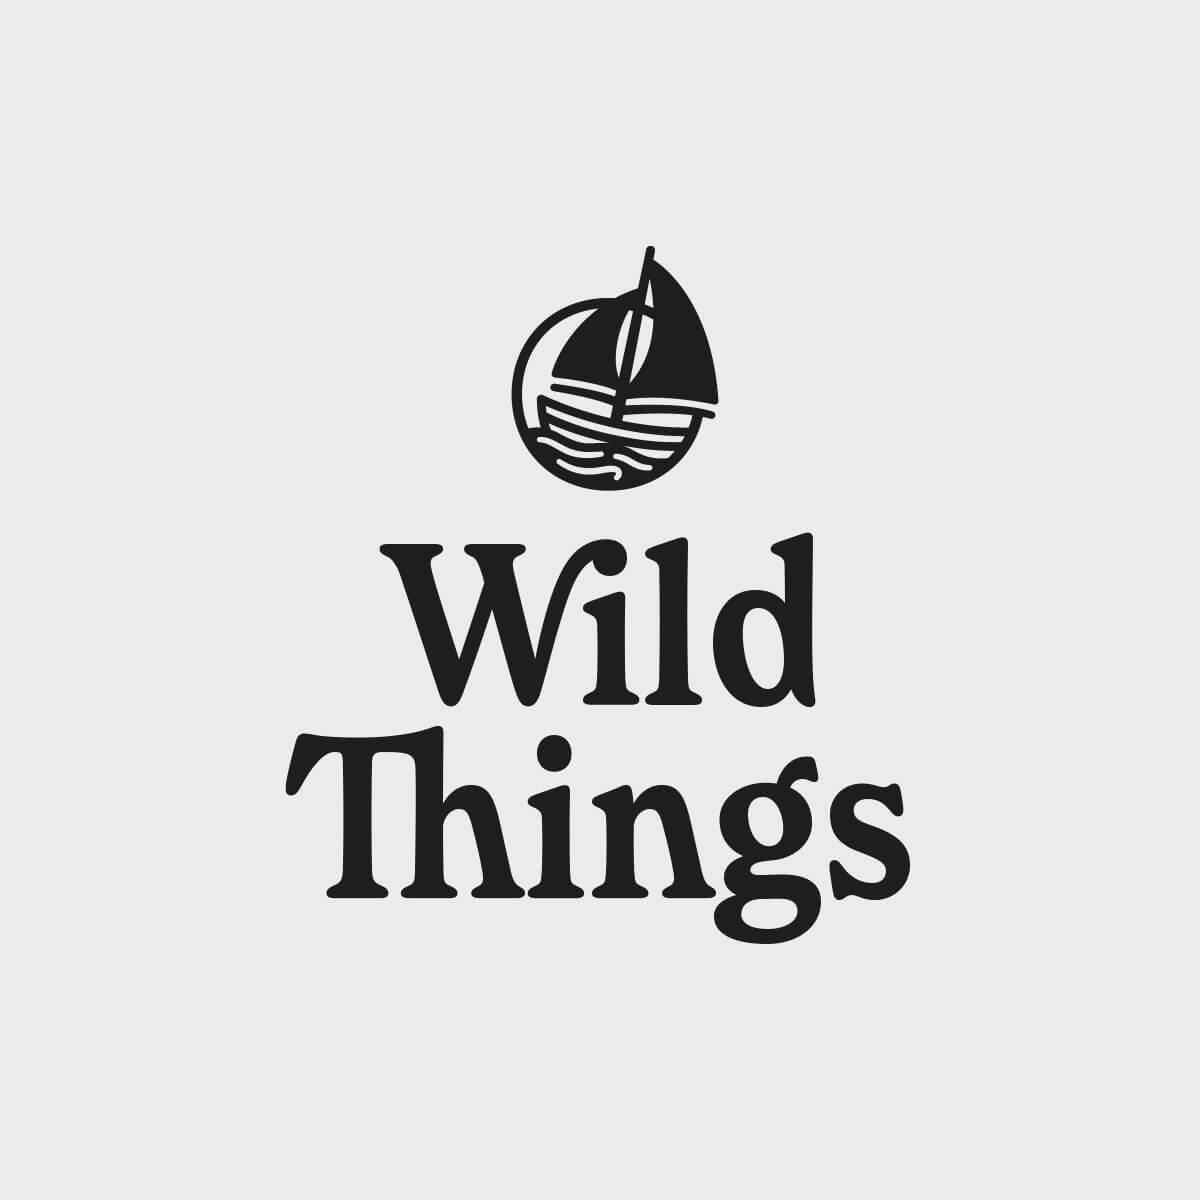 Wild Things Logotype